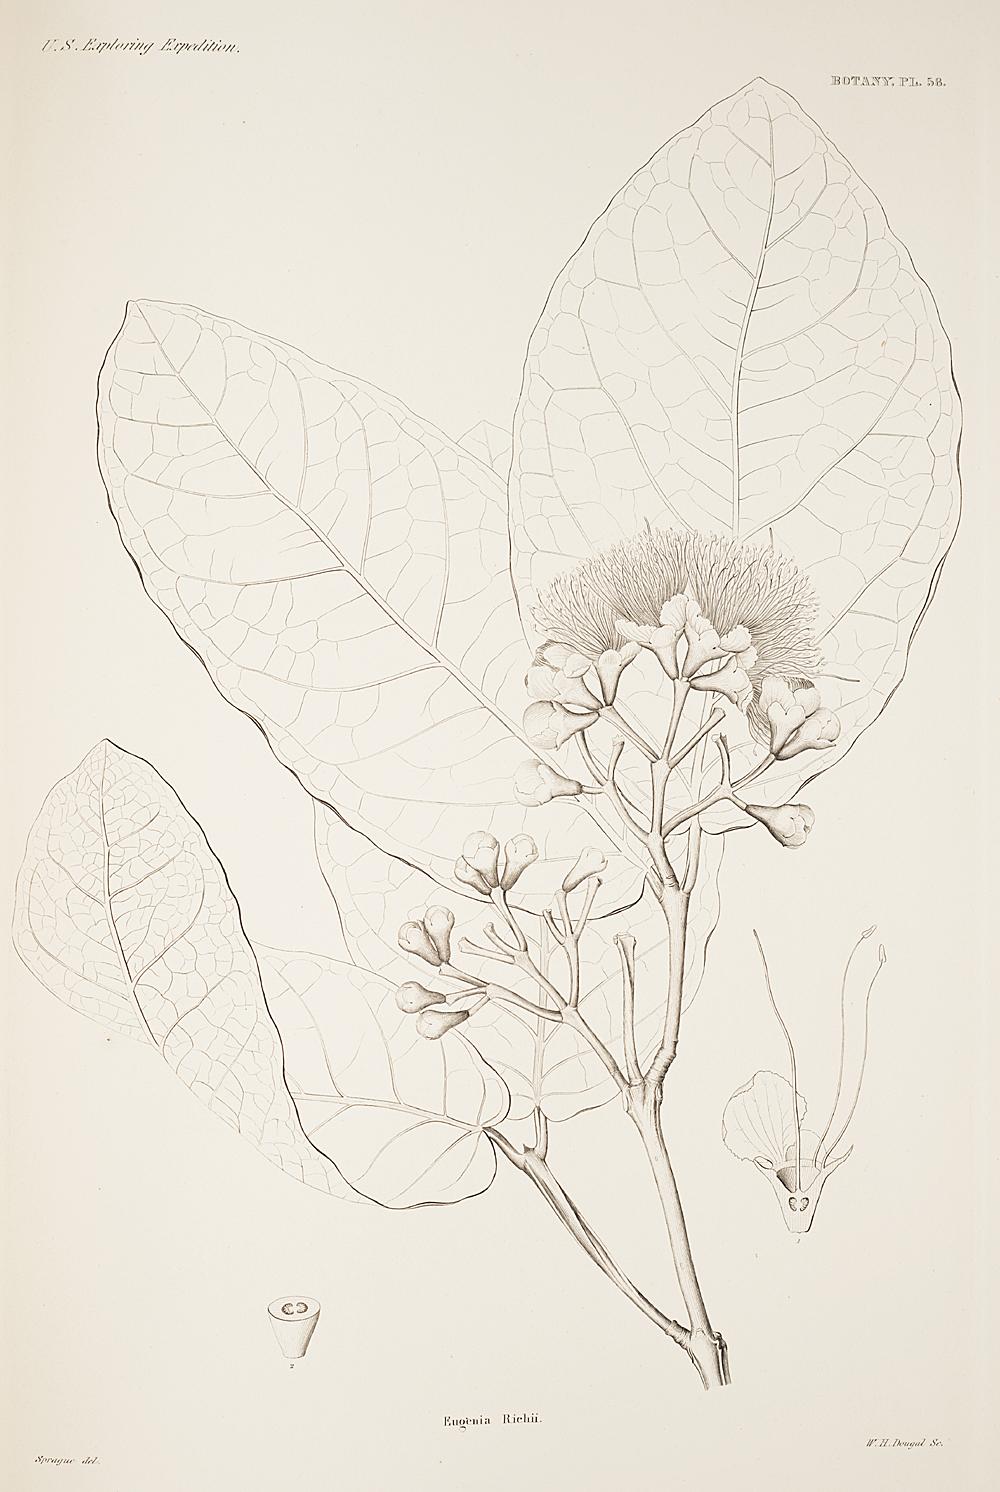 Botany, Pl. 58,  Image number:sil19-23-127b